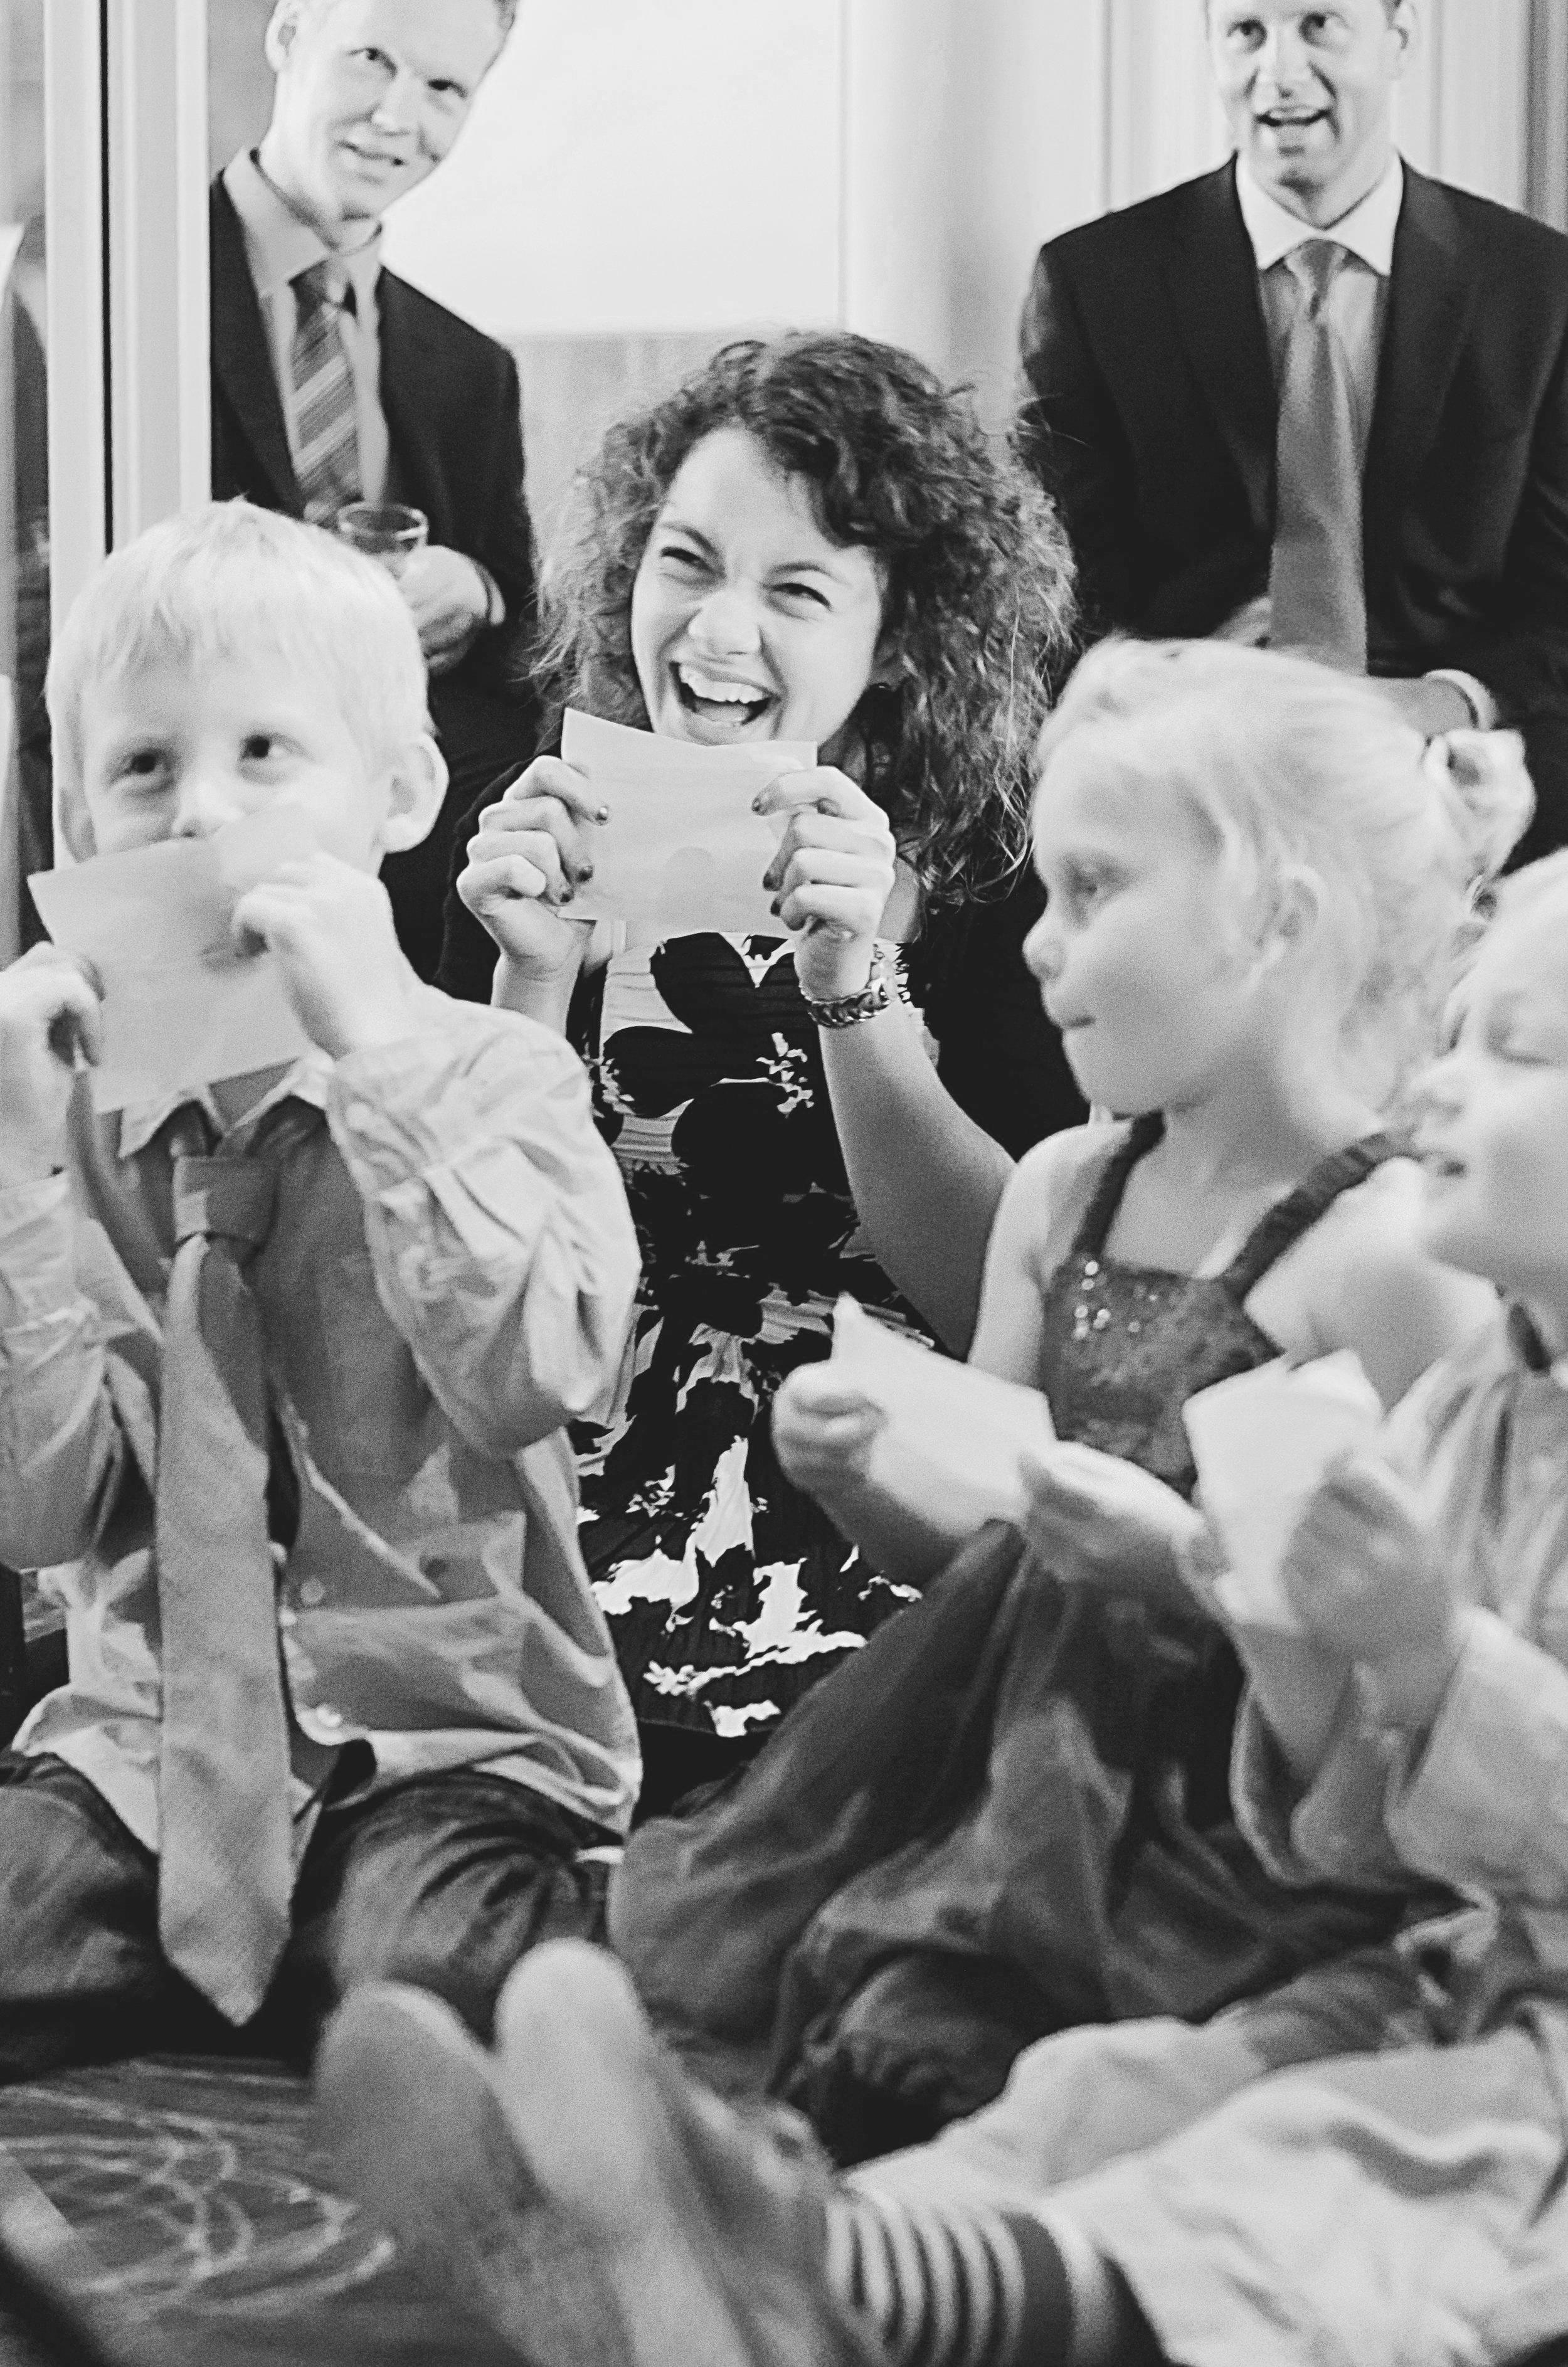 Grinende børn til fødselsdag. Sanggave til børn, teenagere og voksne.